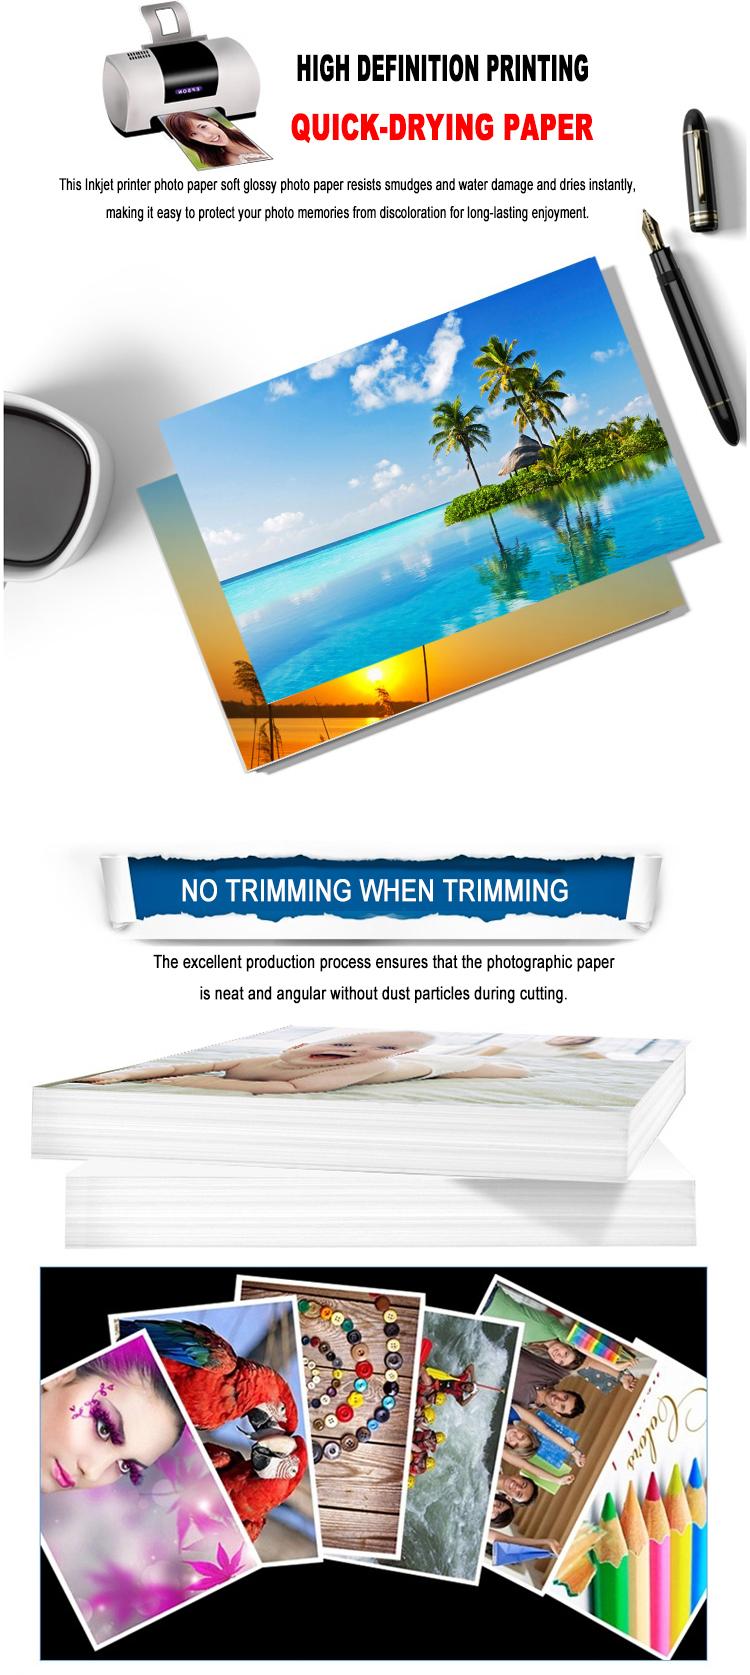 300g mat kaplı kart kağıdı / 108g mürekkep püskürtmeli kağıt / parlak fotoğraf kağıdı